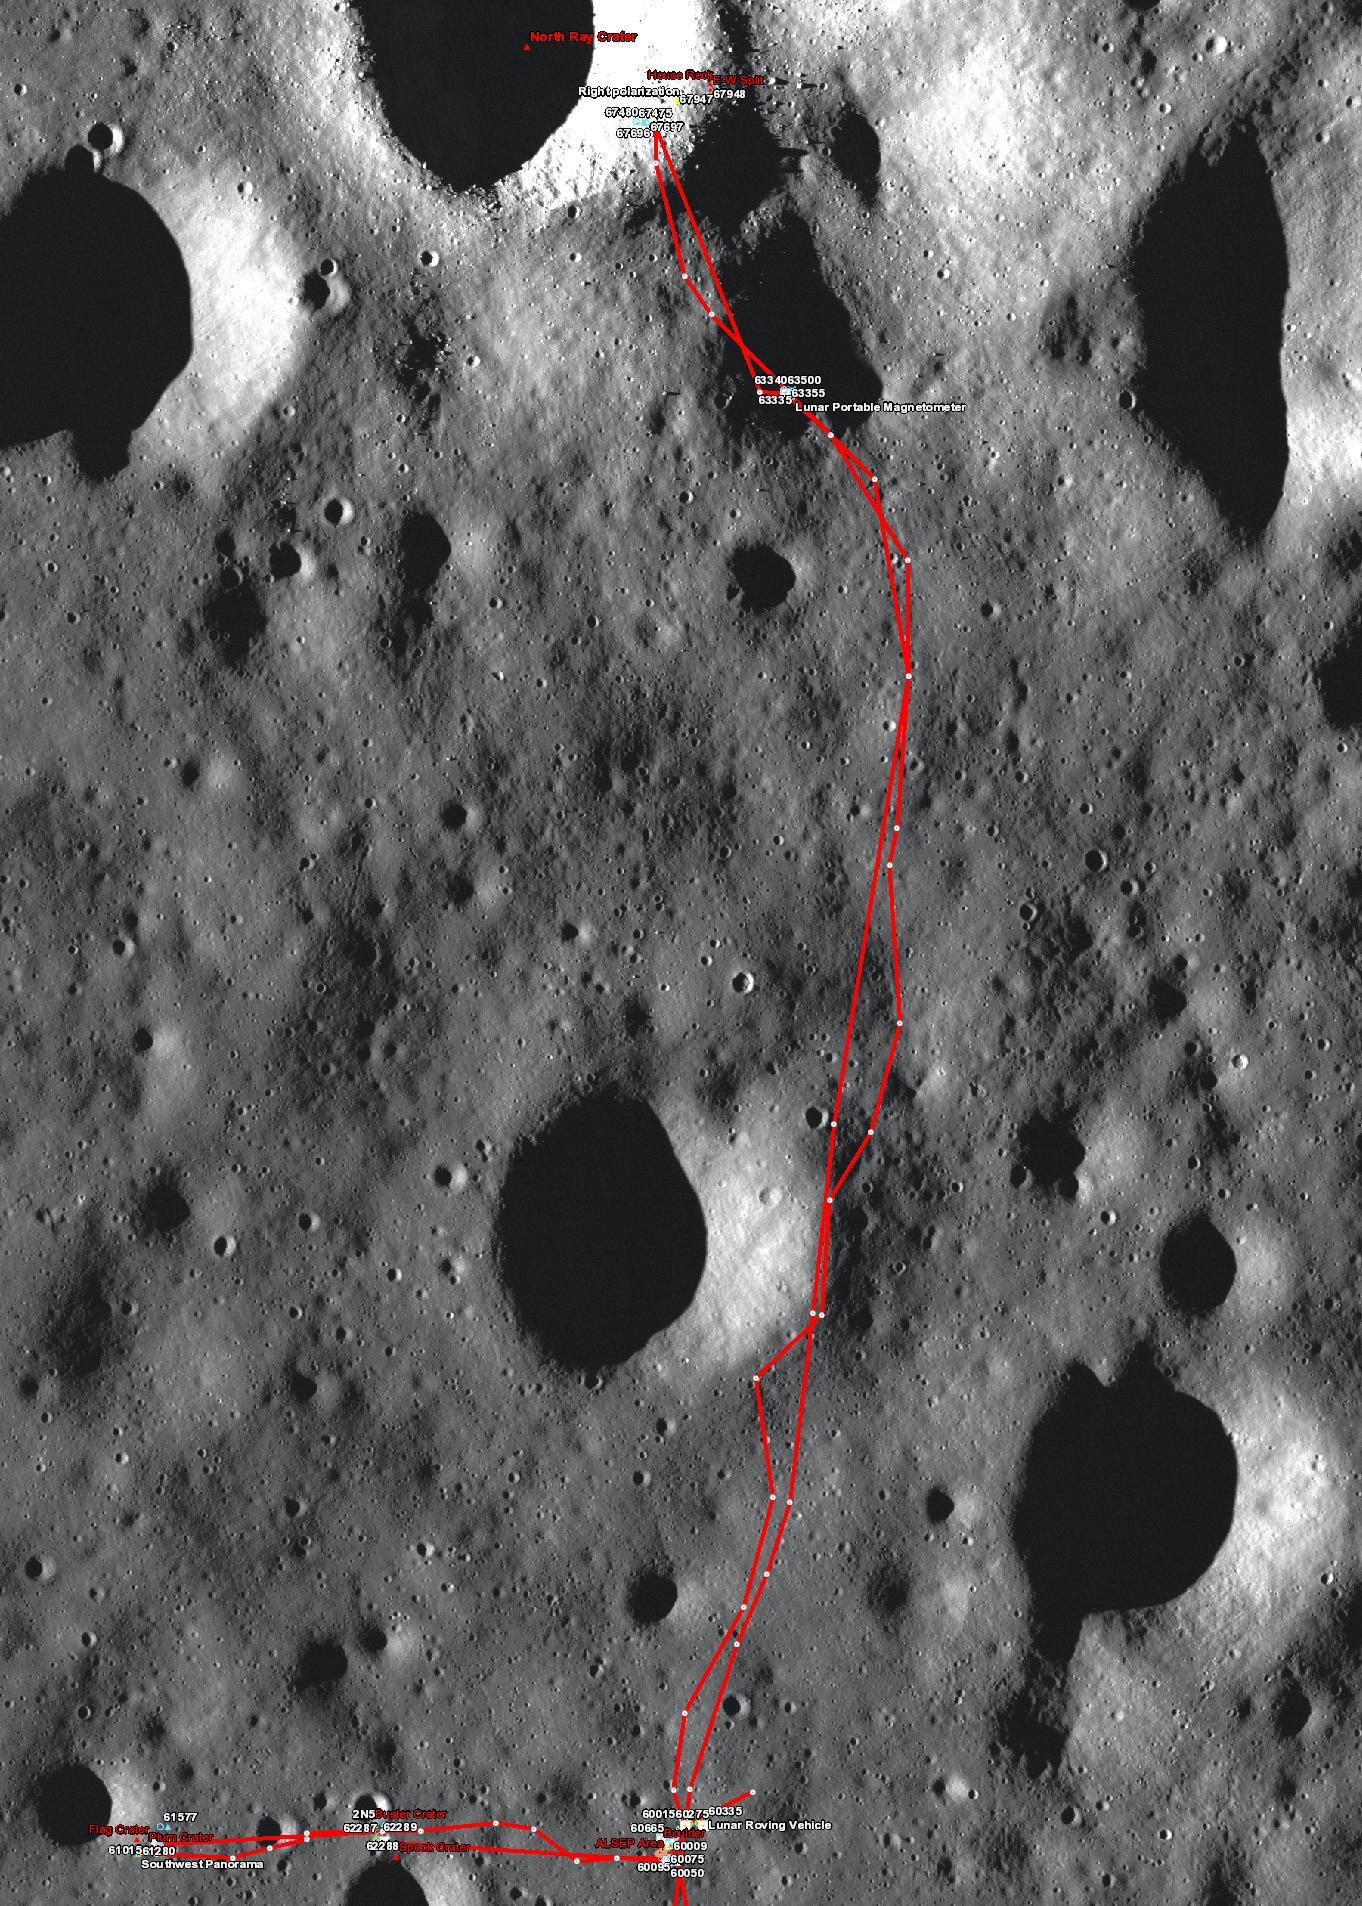 Apollo 16 sample location map (top)